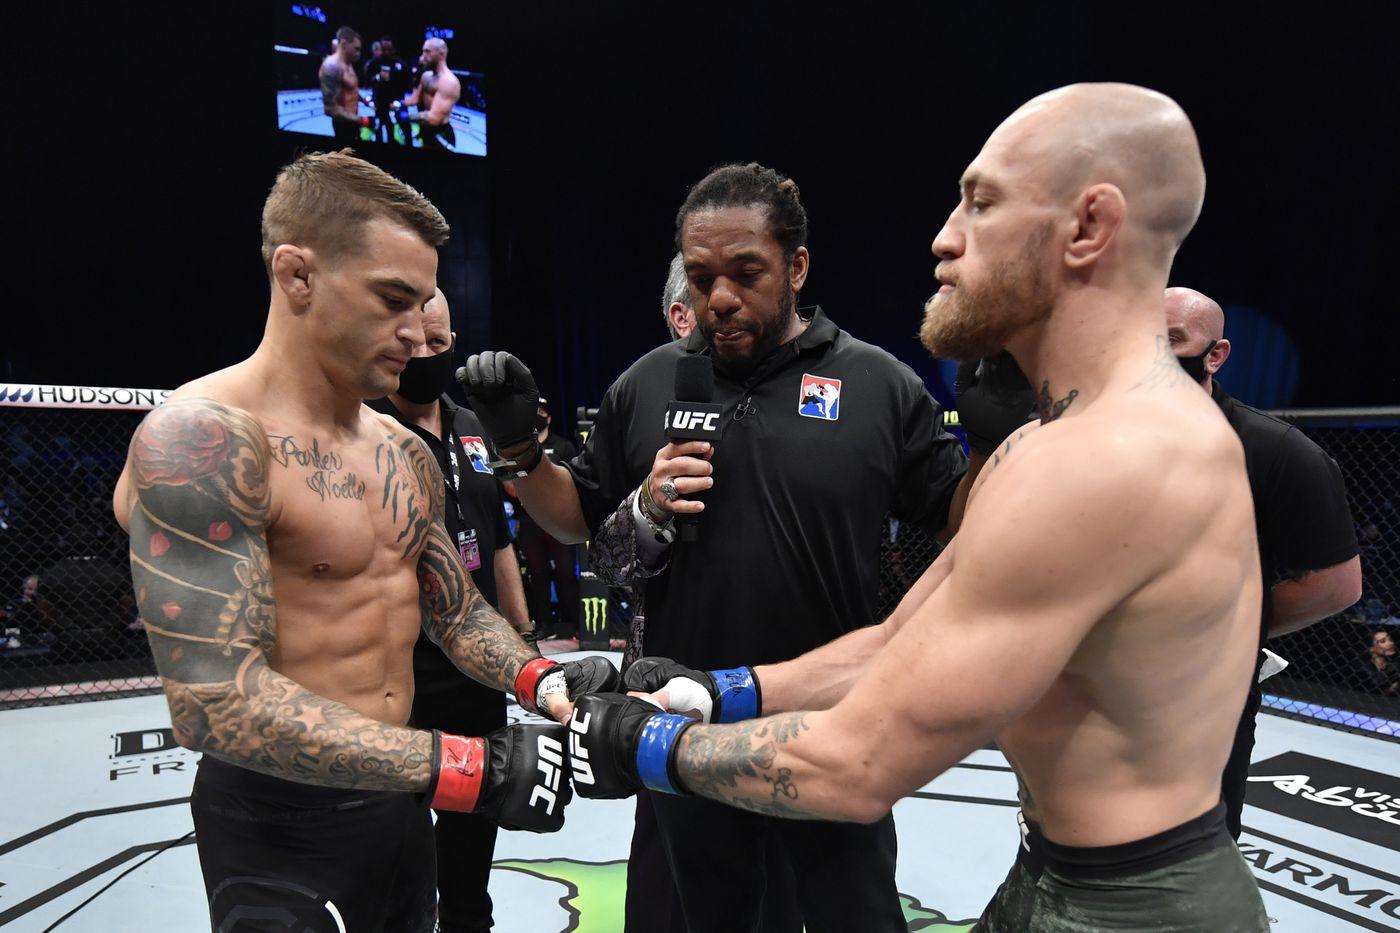 Conor McGregor vs. Dustin Poirier 3